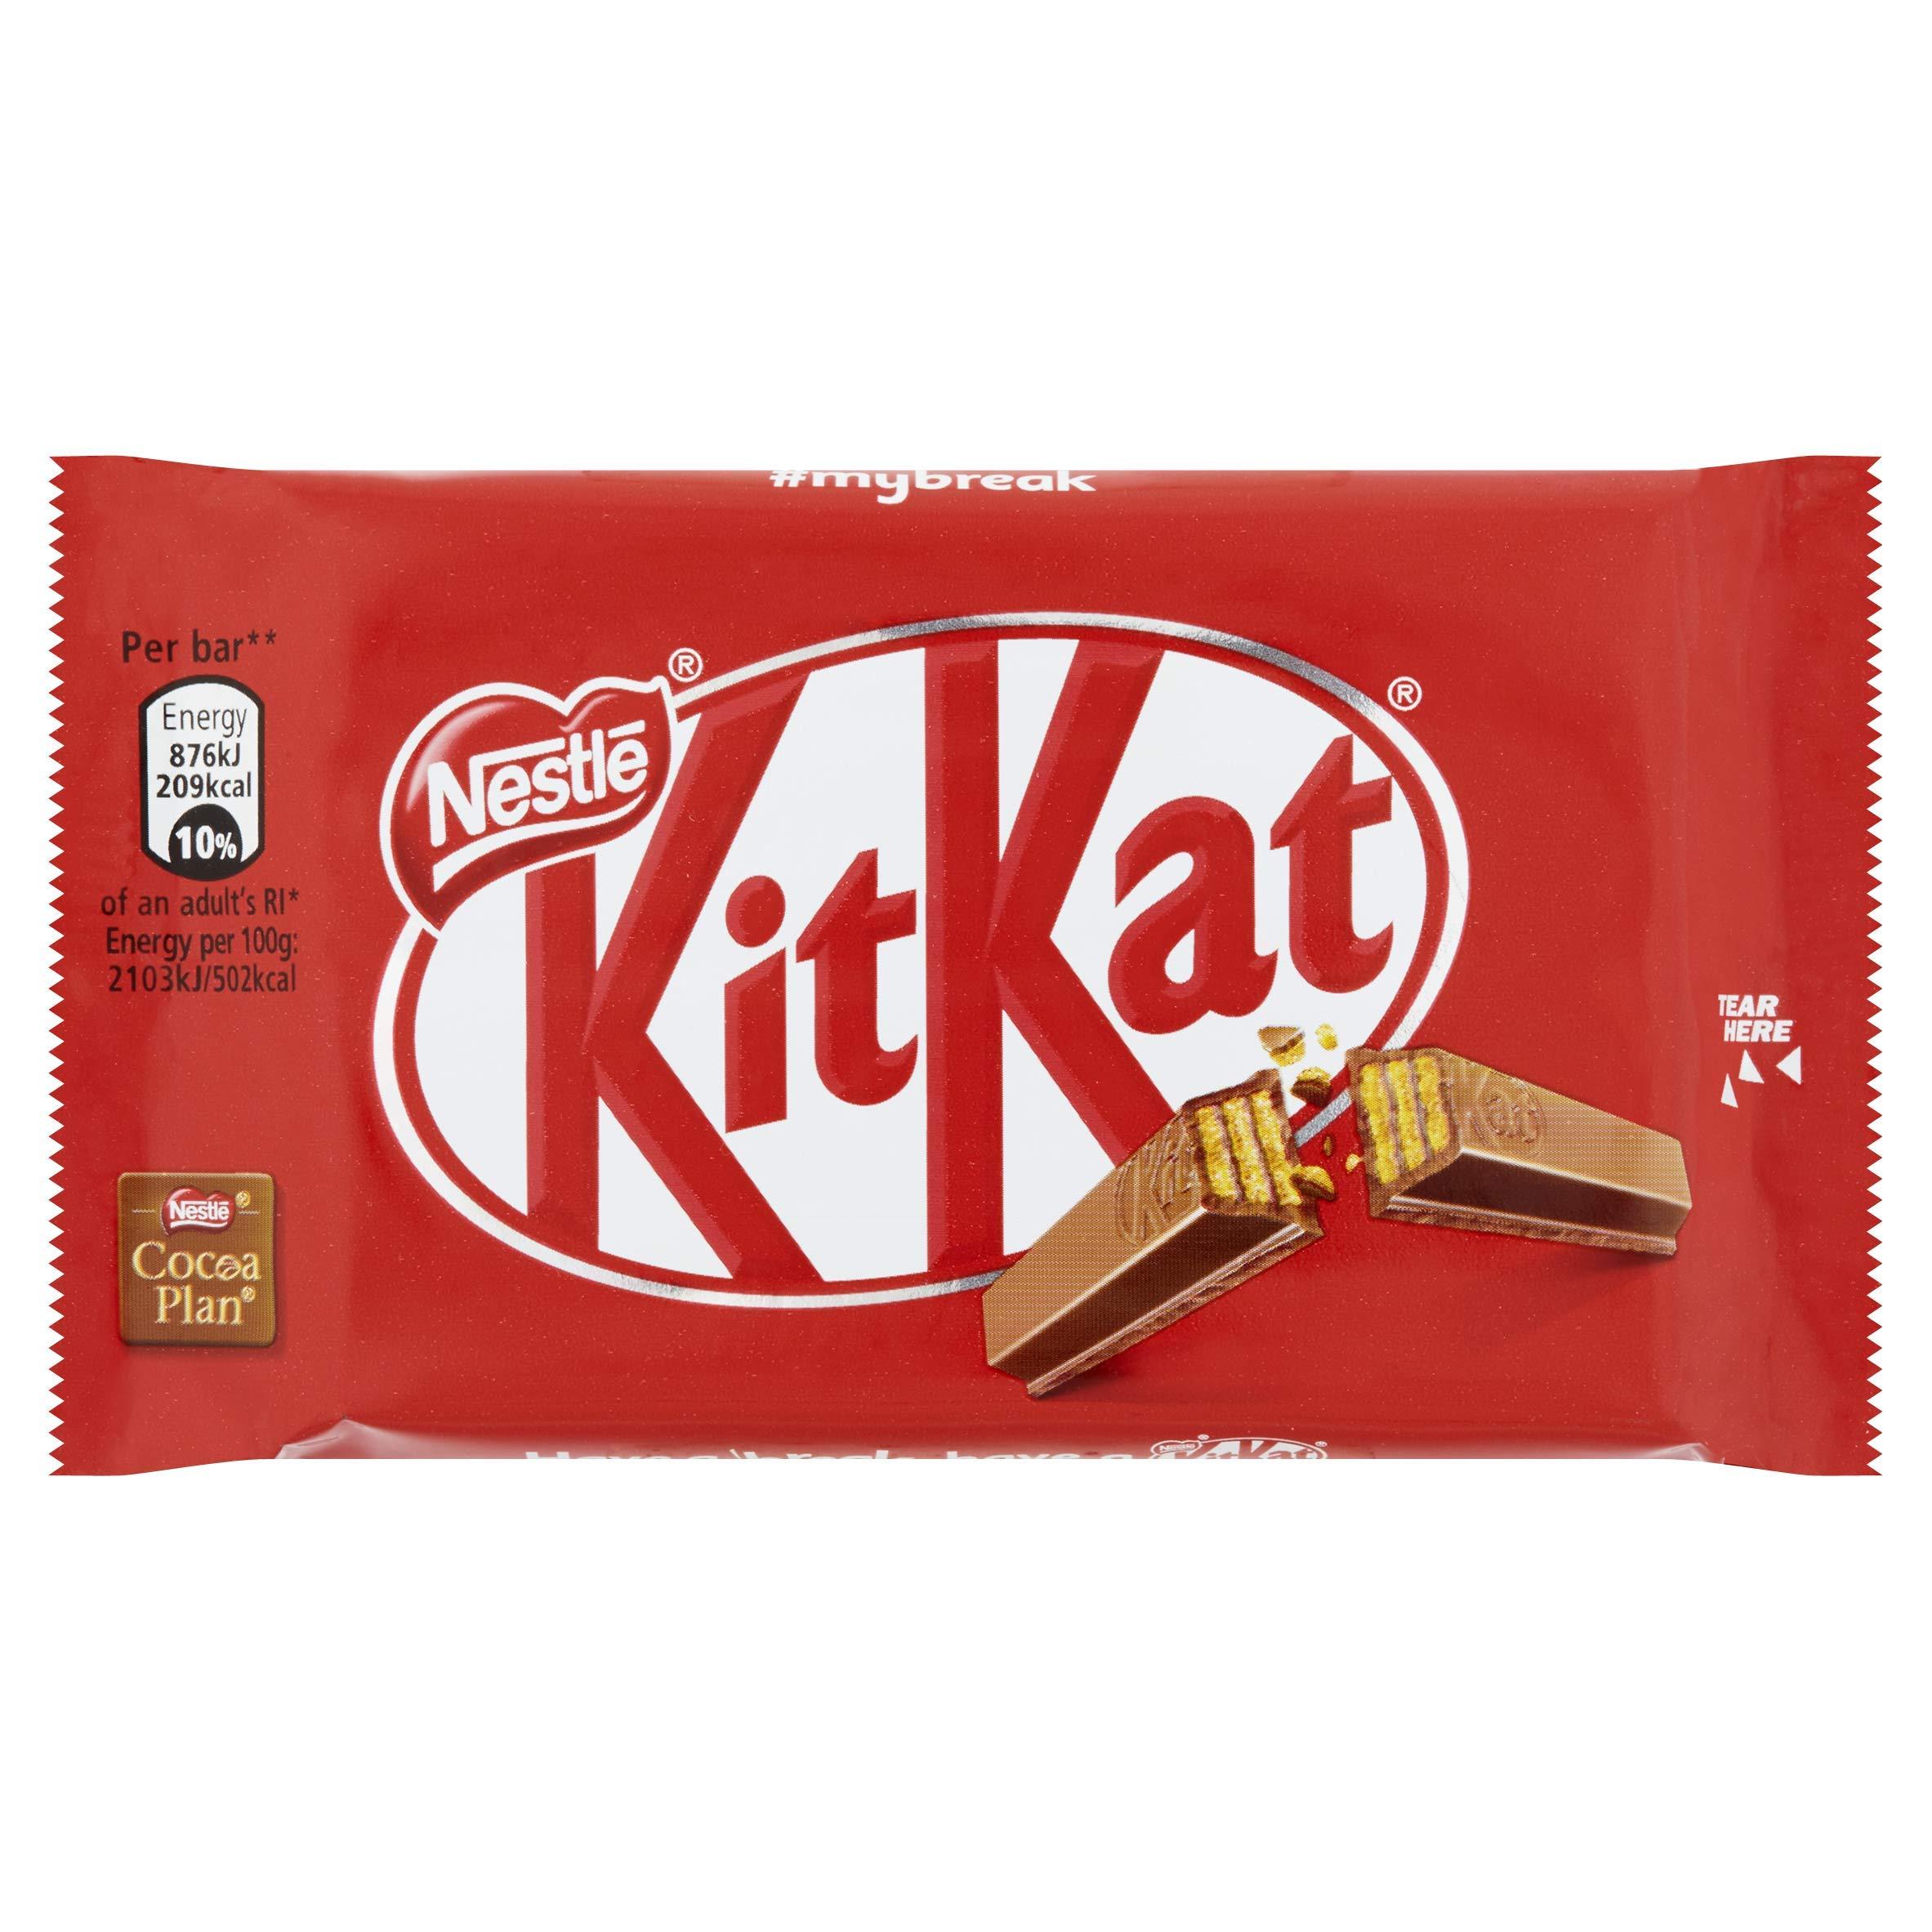 KITKAT 4 Finger Milk Chocolate Bar 41.5g (Pack of 24)